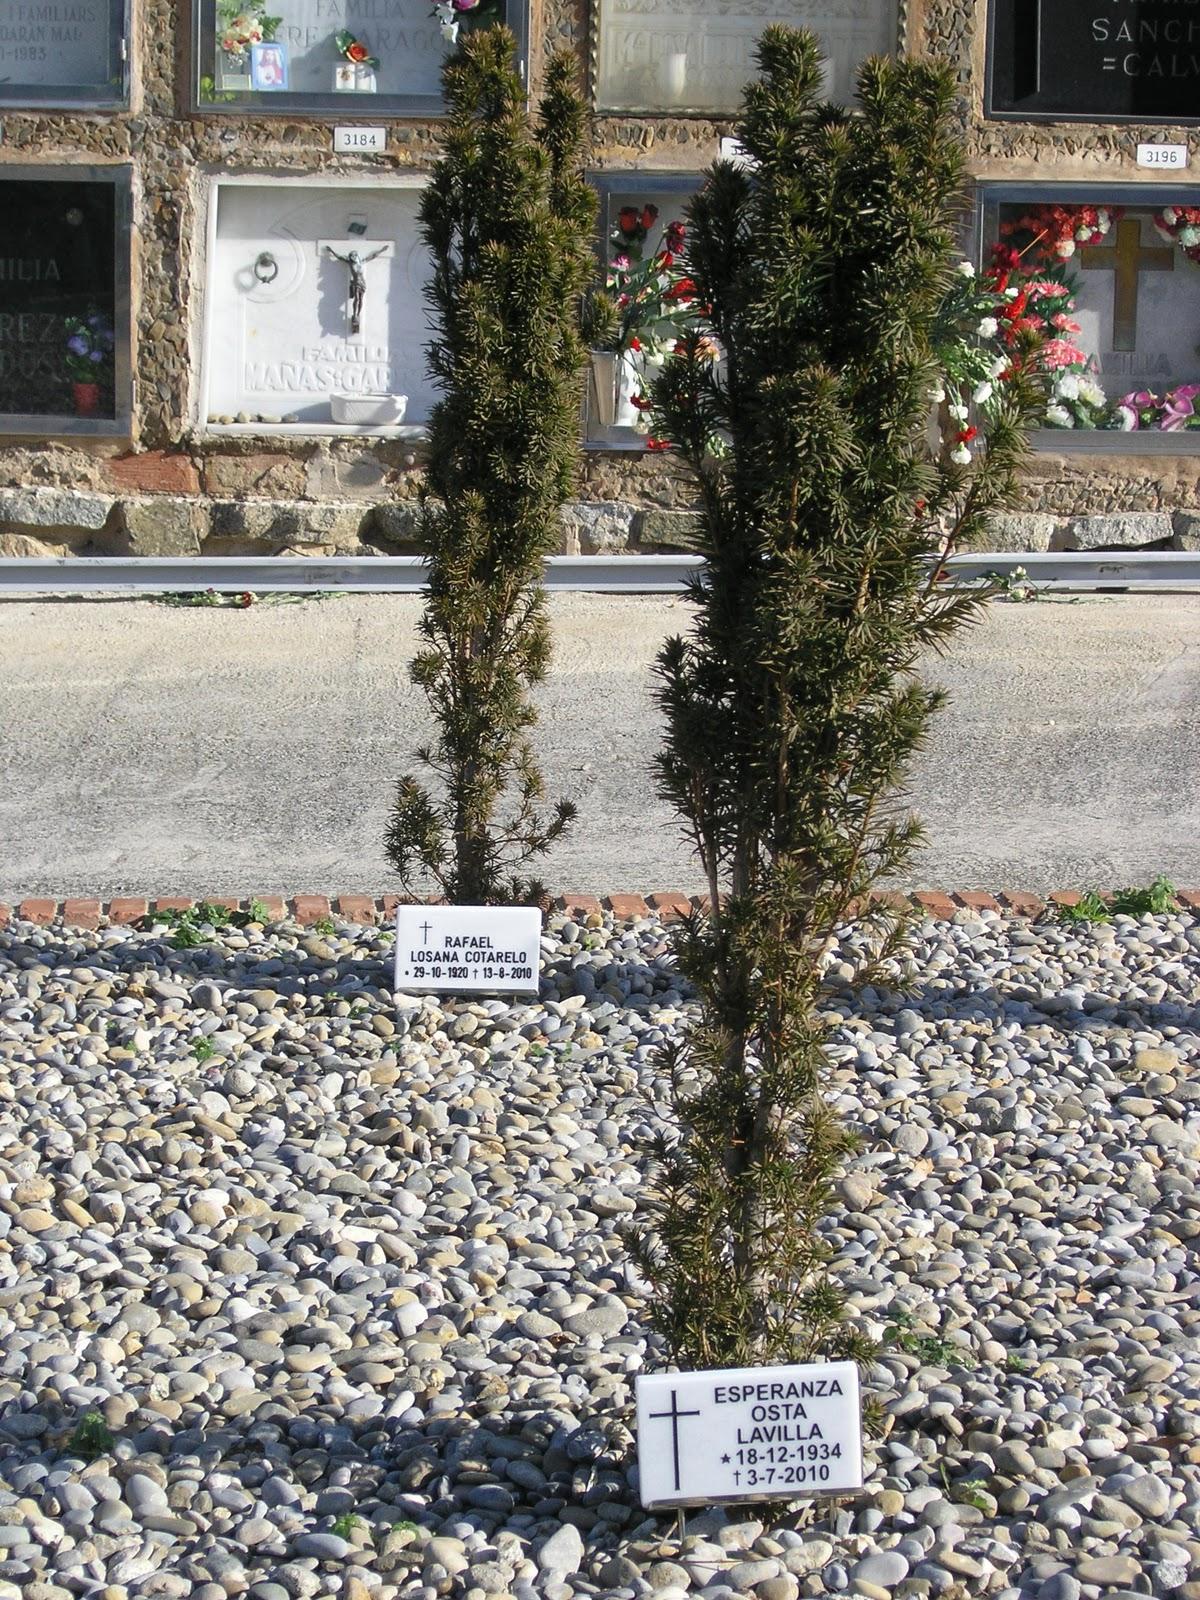 Diversidad en el cementerio de montjuic jardin de los aromas for Cementerio jardin